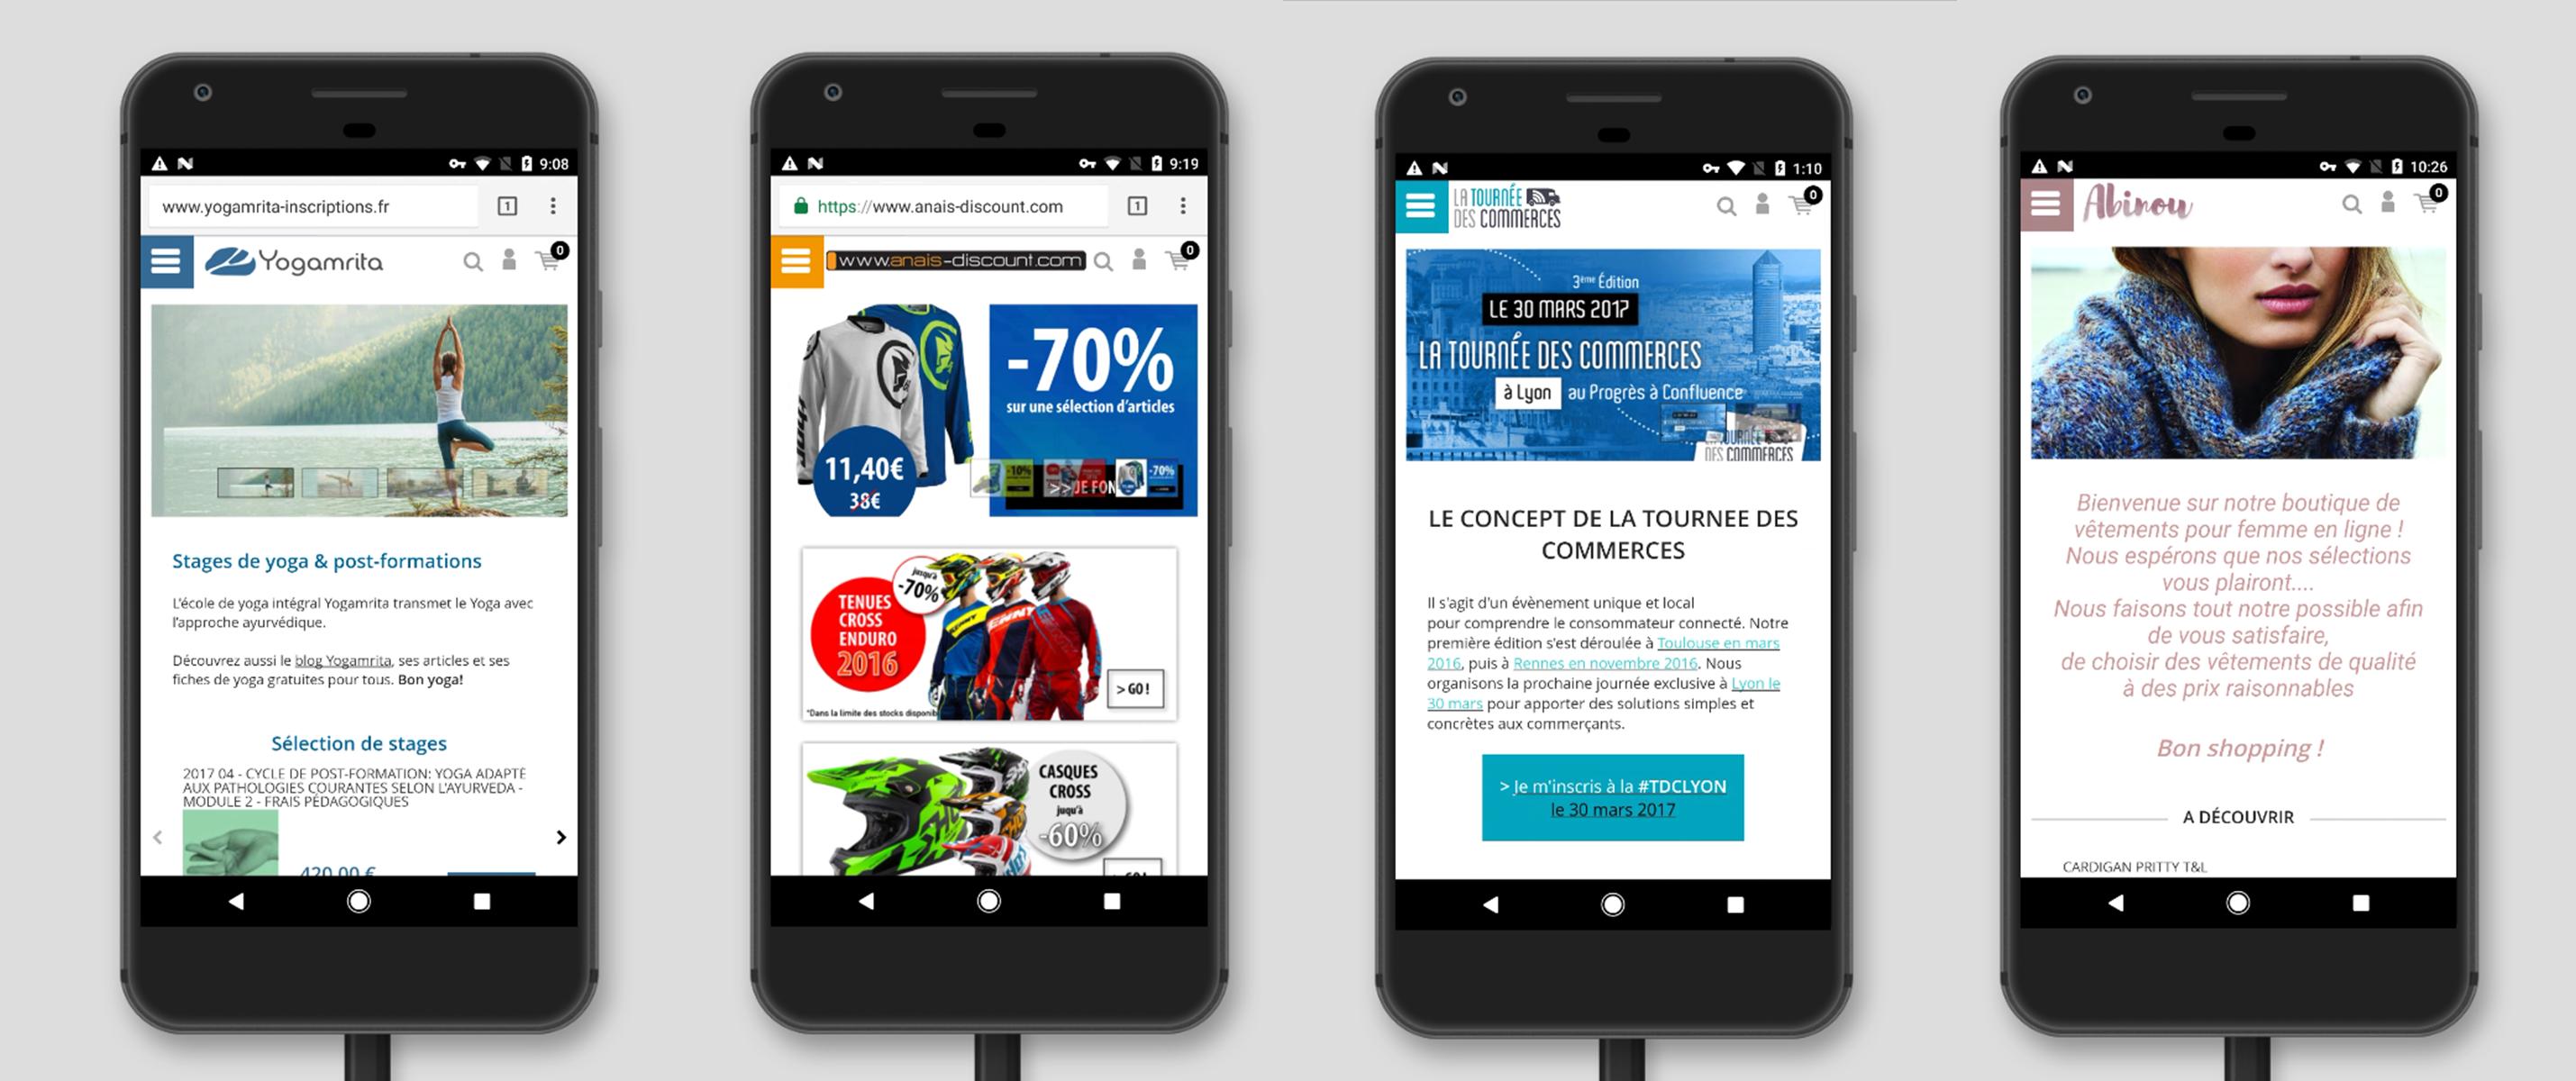 Solution Shop Application : Personnalisation de la page d accueil sur mobile pour site e-commerce ou site internet vitrine